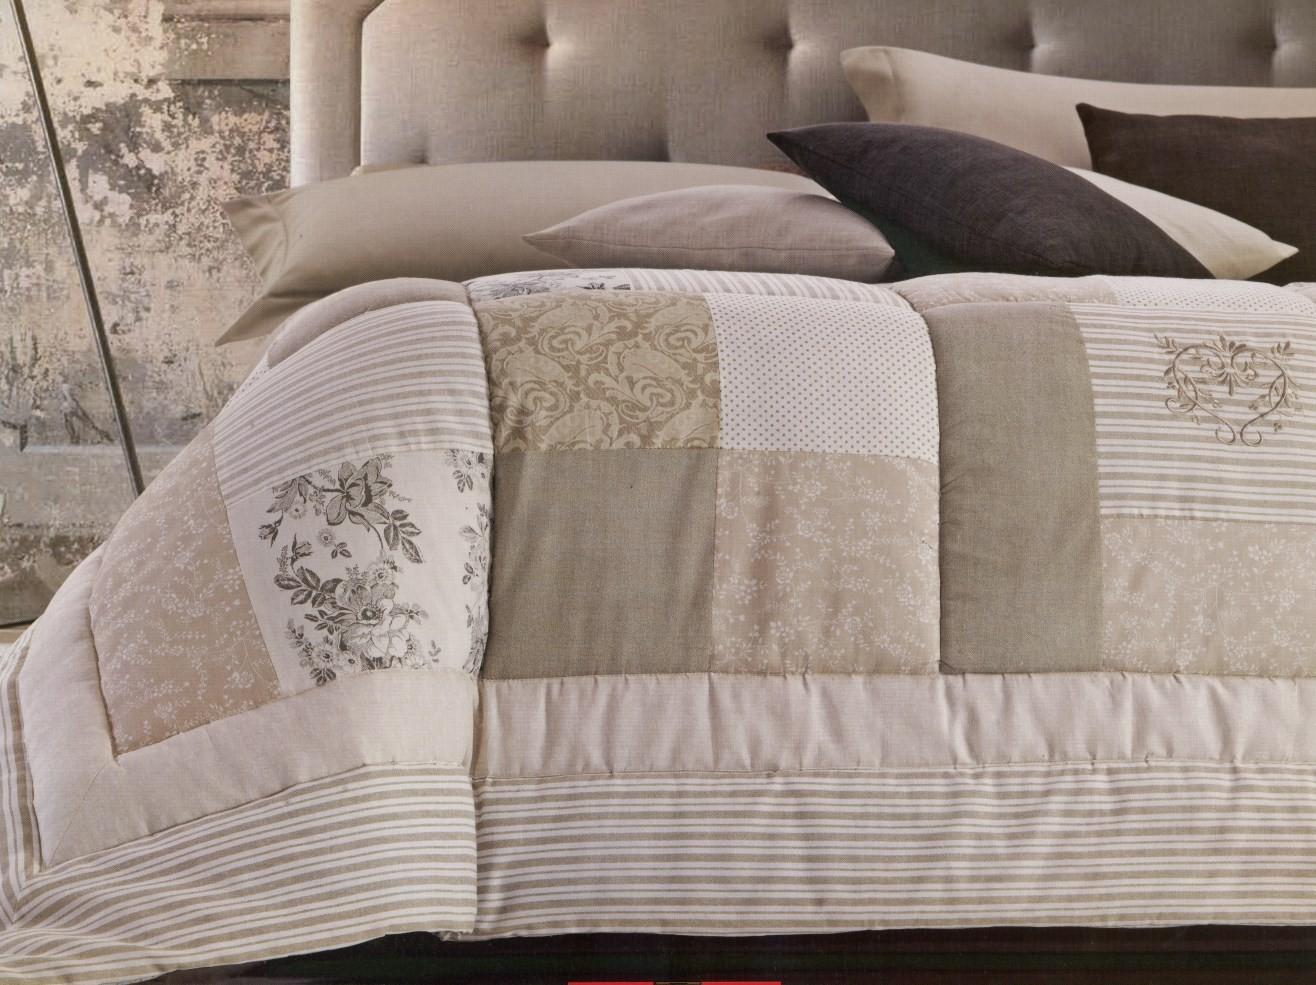 Trapunte letto e plaid martinovanzo for Trapunta matrimoniale frette